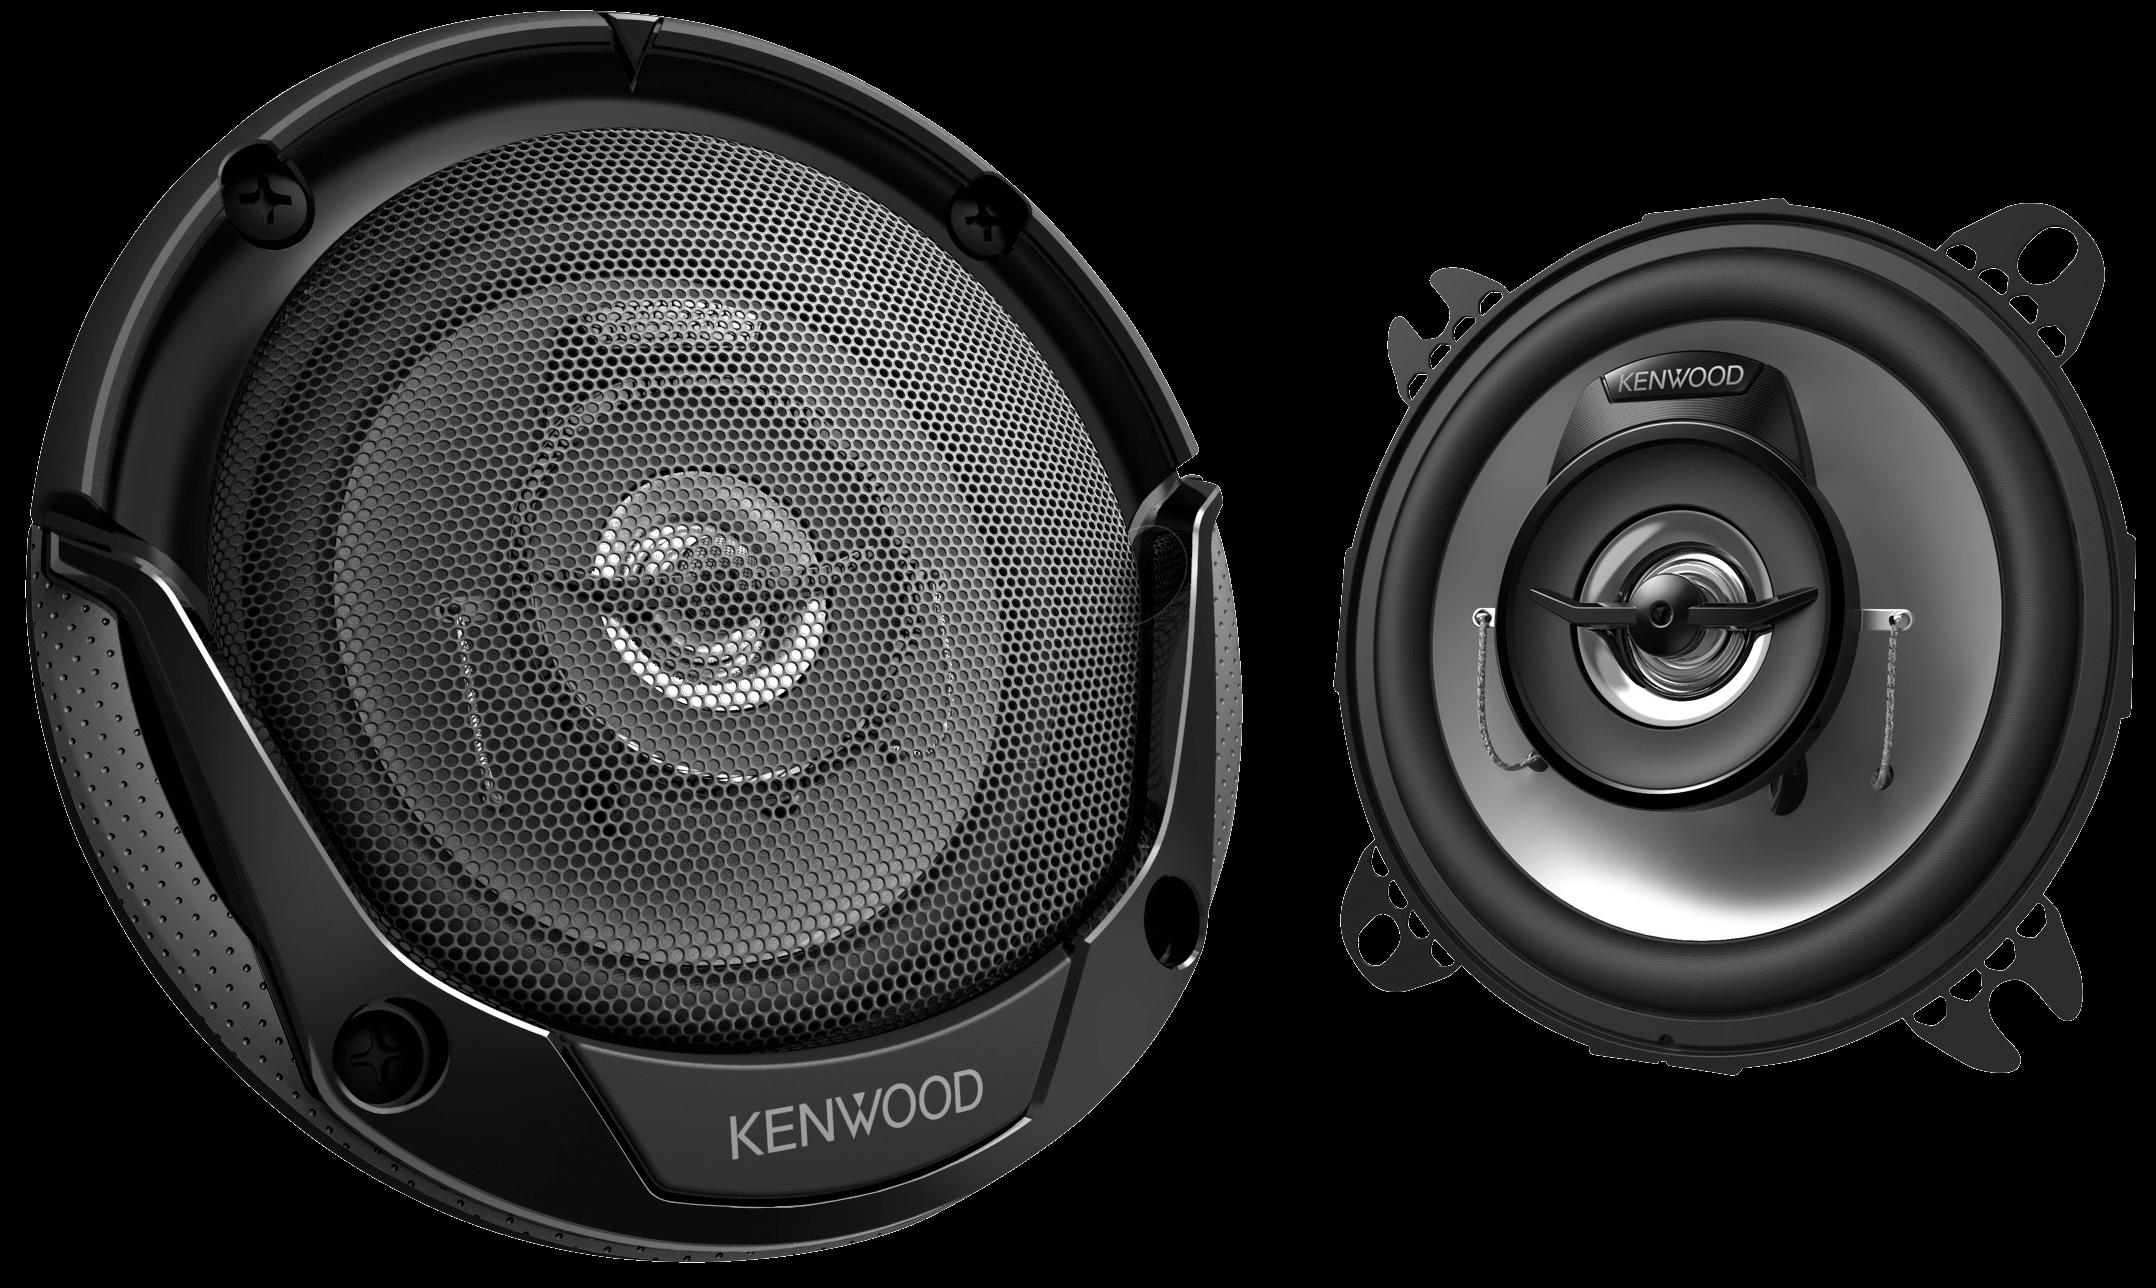 KW KFC-E1065 - Lautsprecher, 2-Wege, 10 cm, 210 W